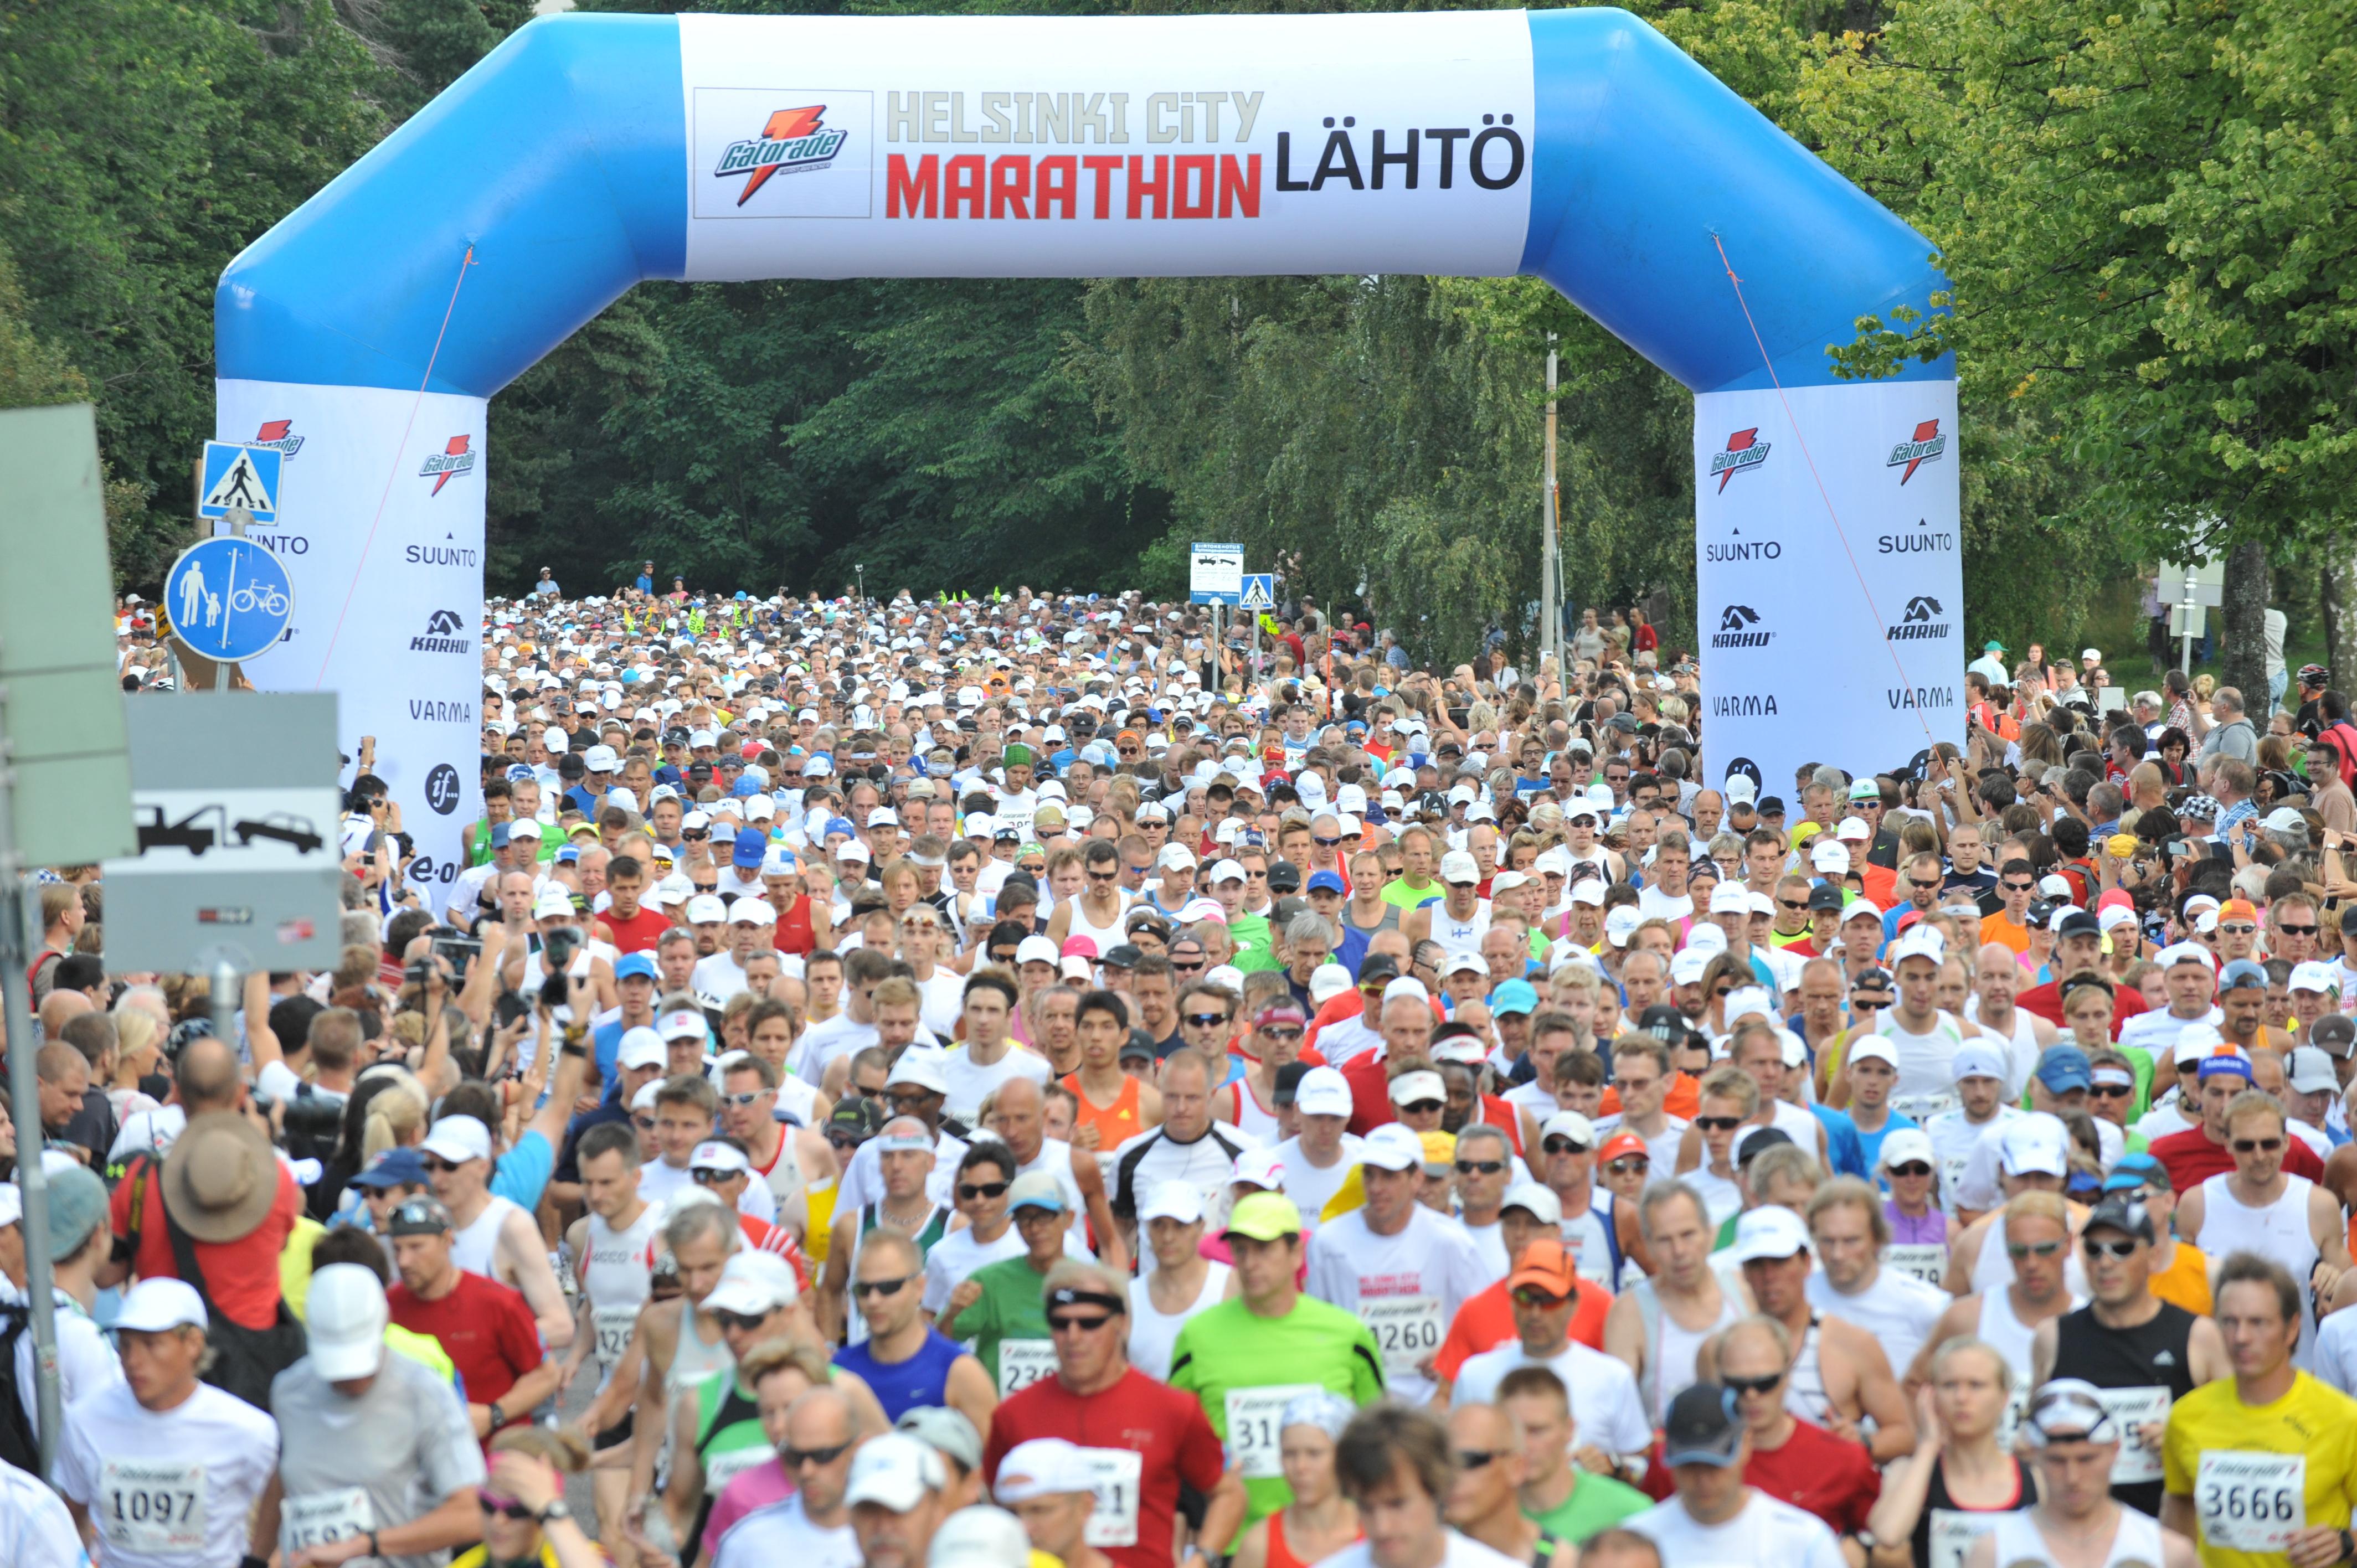 'Helsinki City Marathon lähtö.JPG